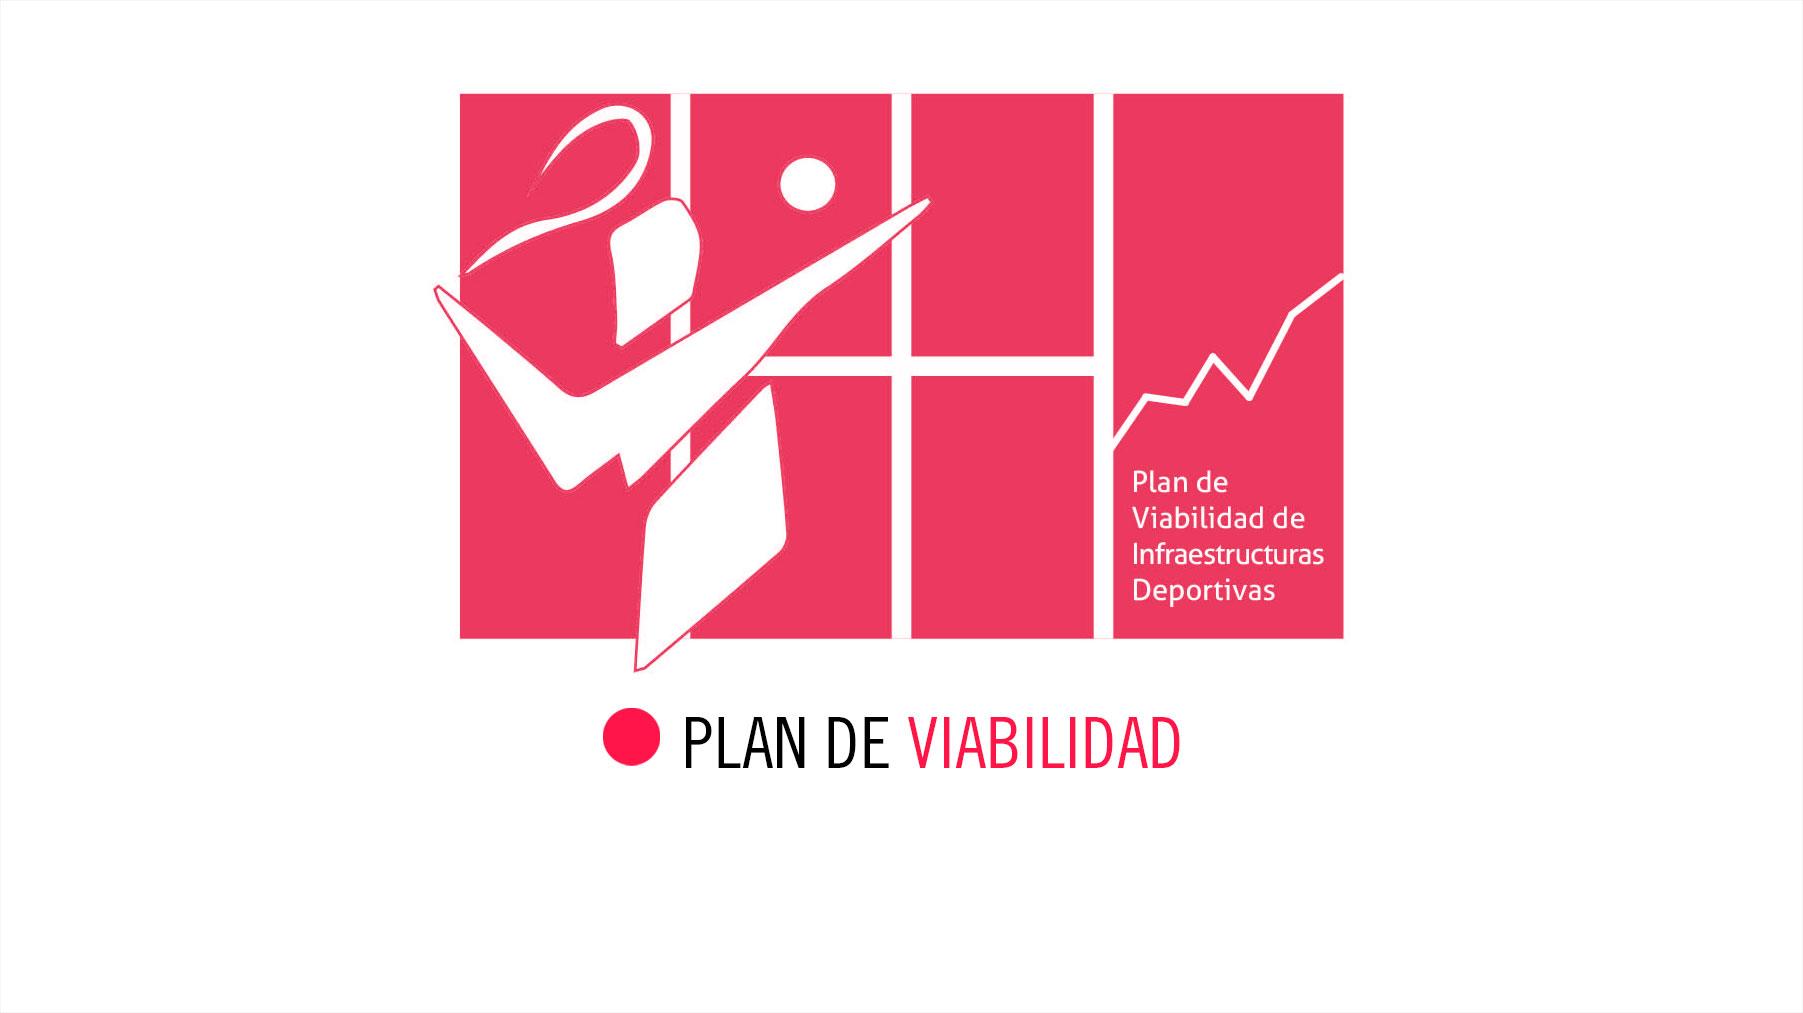 ESTUDIO DE VIABILIDAD DE CANCHAS DEPORTIVAS en Arona